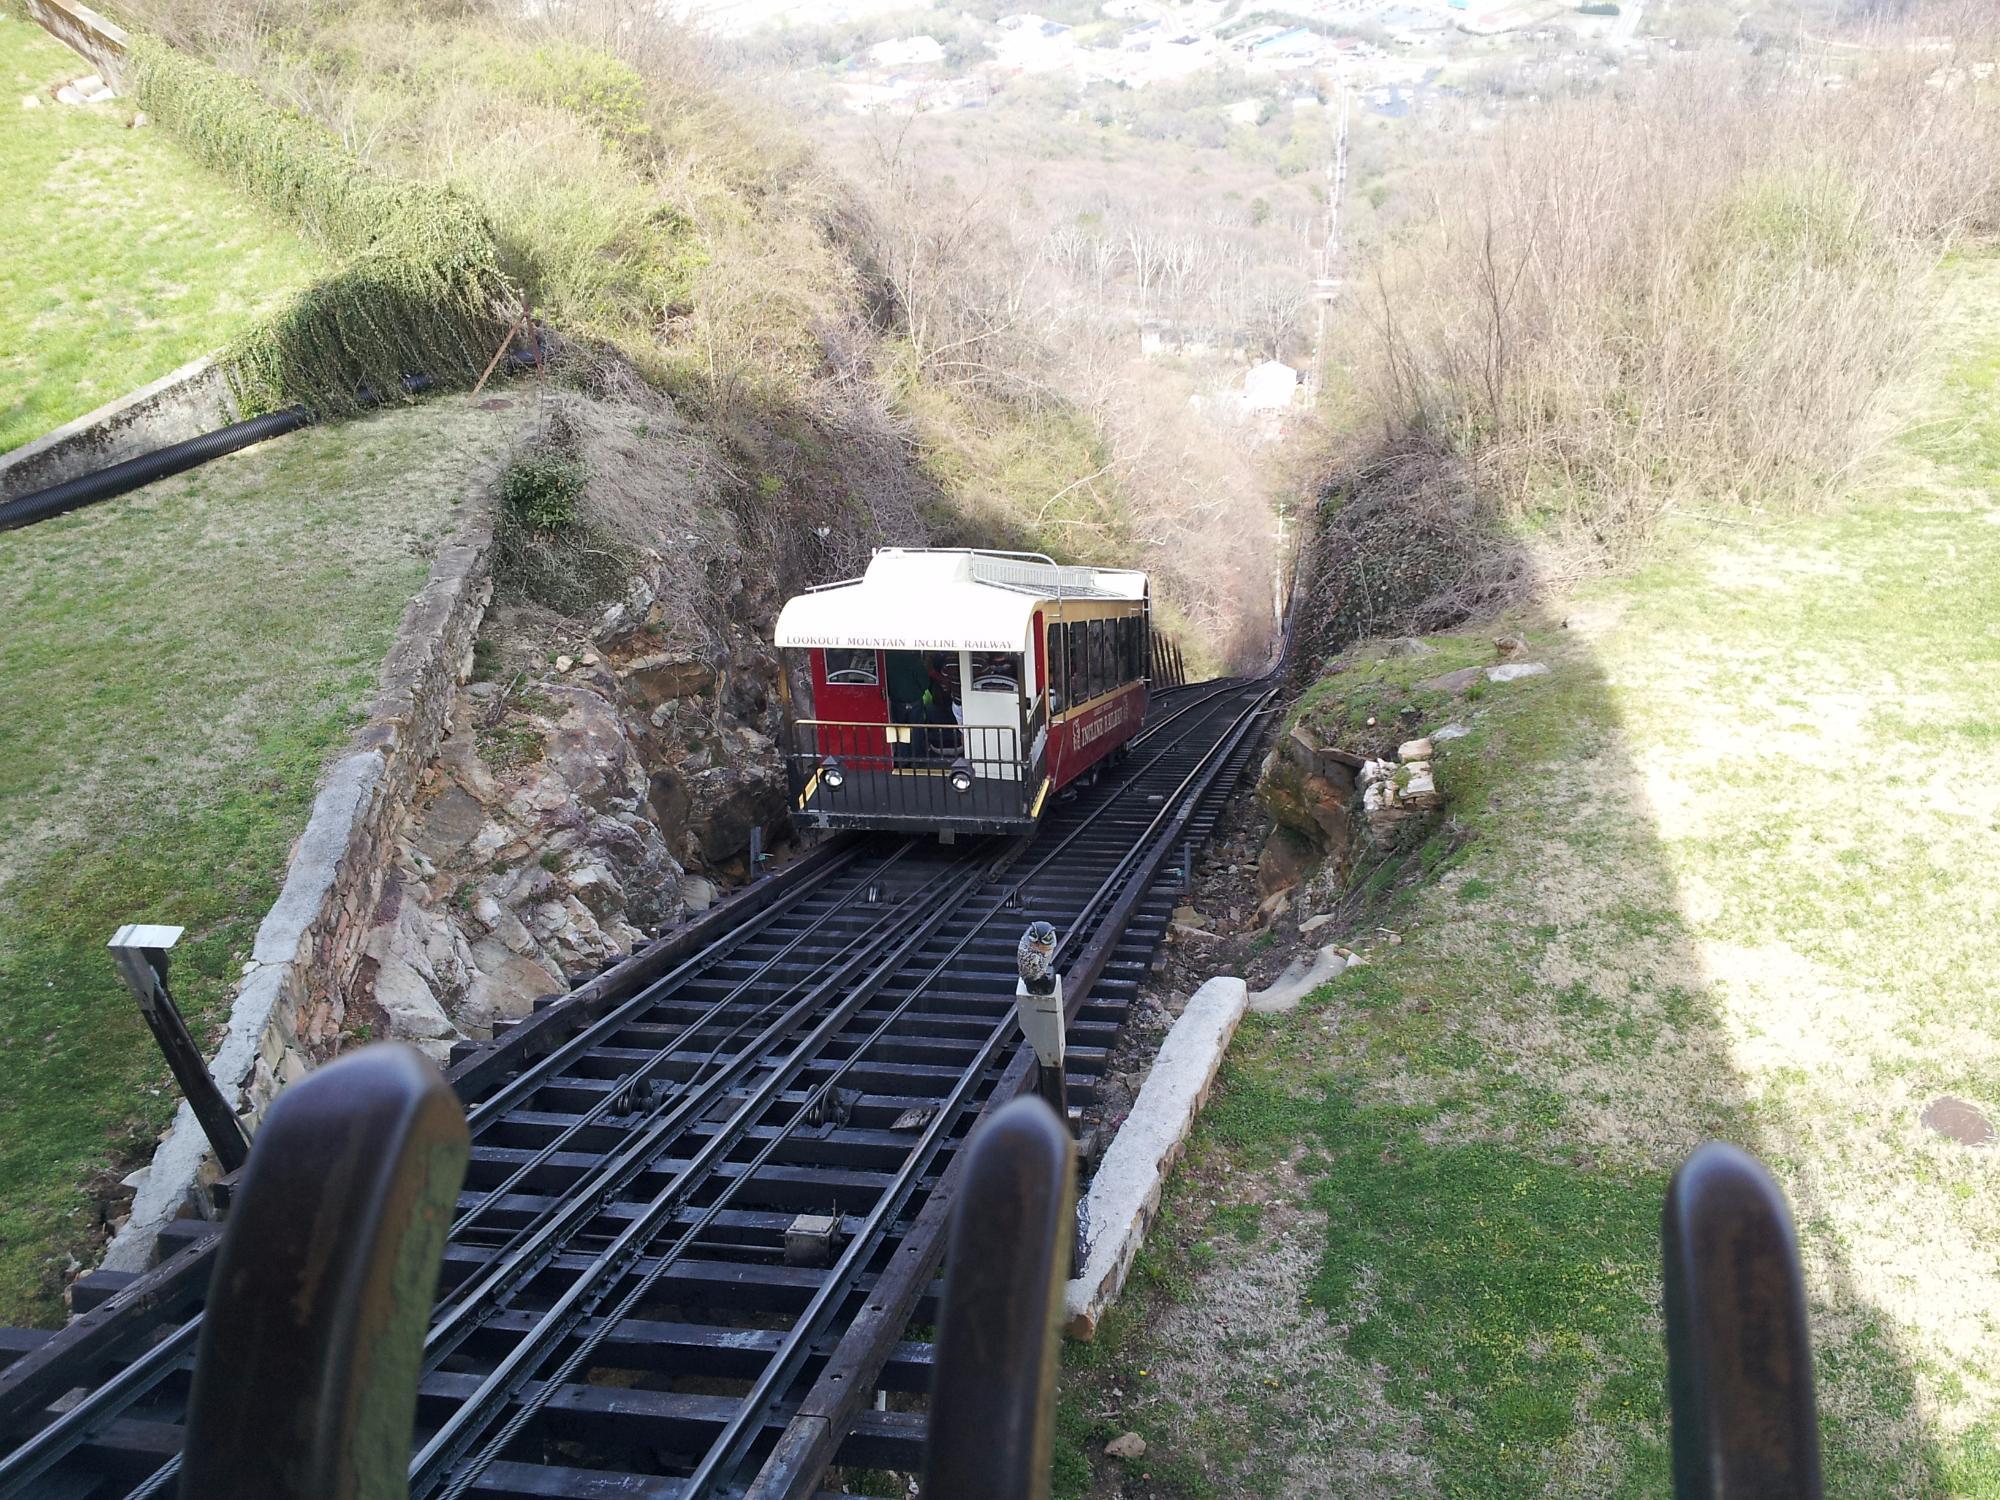 Lookout Mt Incline Railway